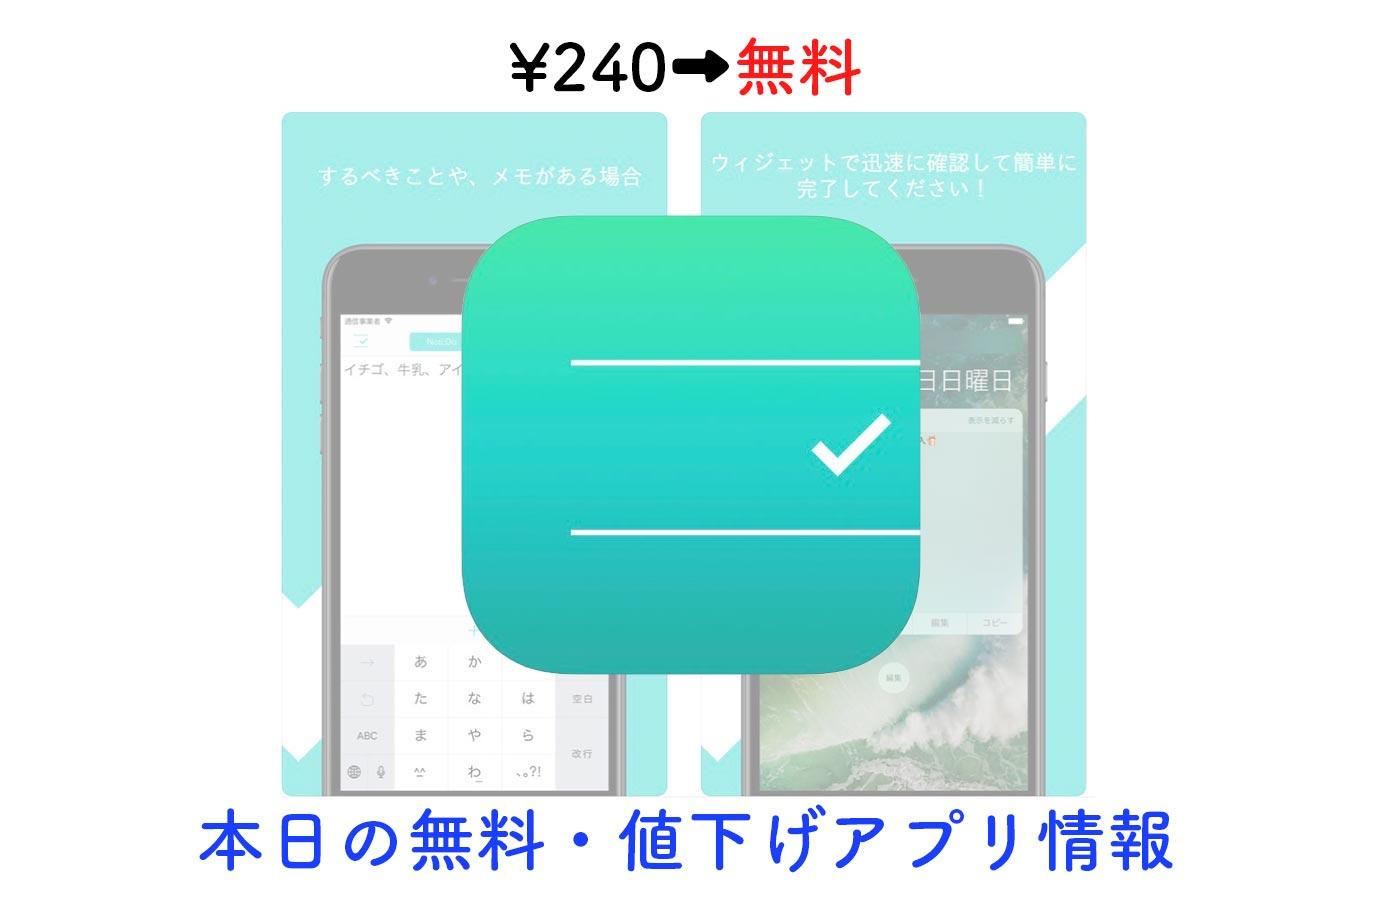 240円→無料、ウィジェットにやるべきことやメモなどを表示できる「Noti:Do」など【4/17】セールアプリ情報